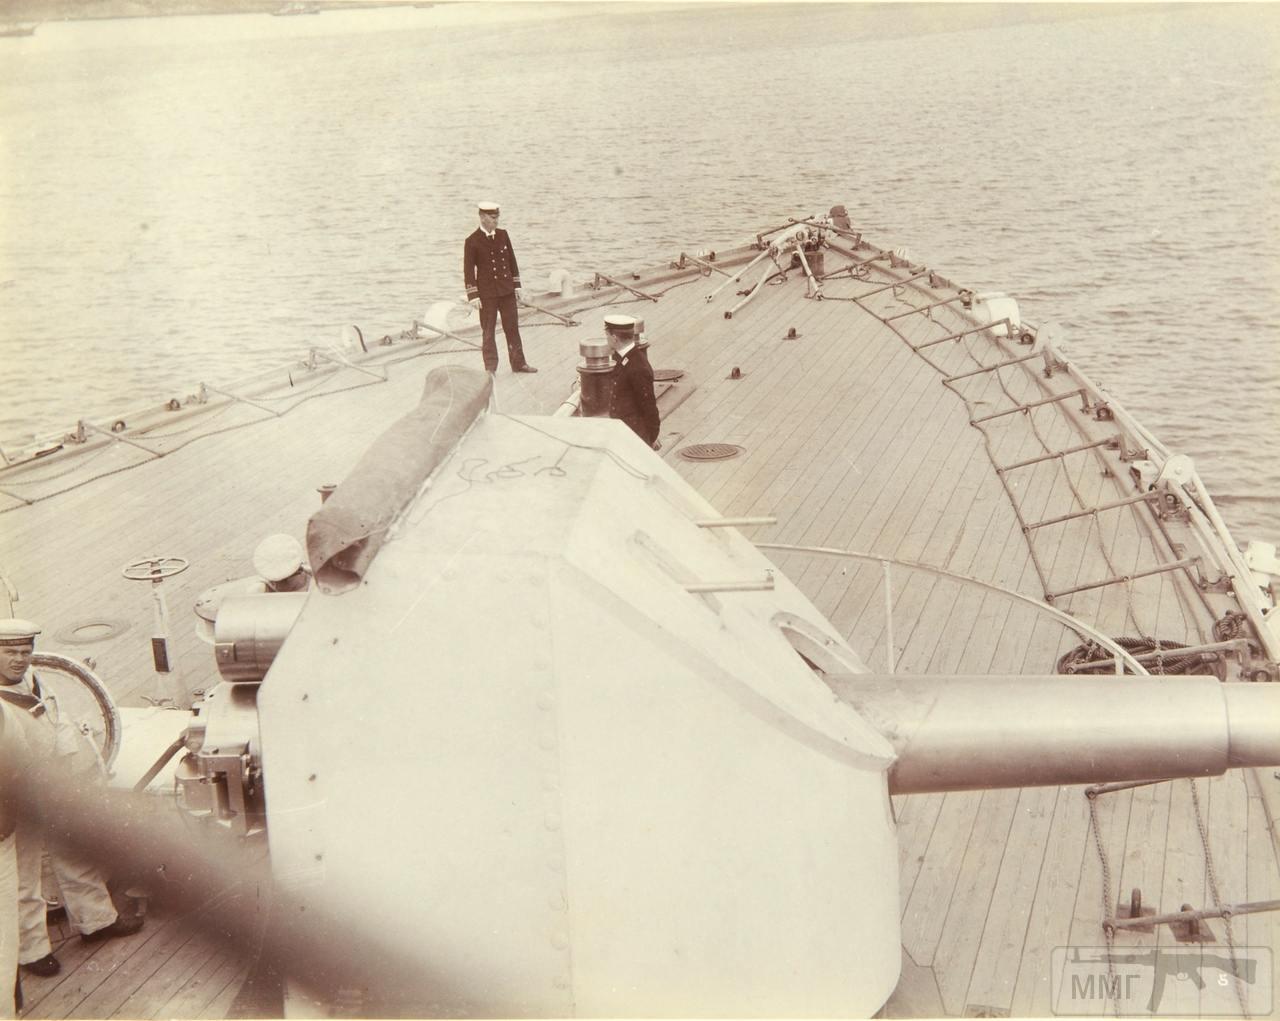 36905 - Броненосцы, дредноуты, линкоры и крейсера Британии